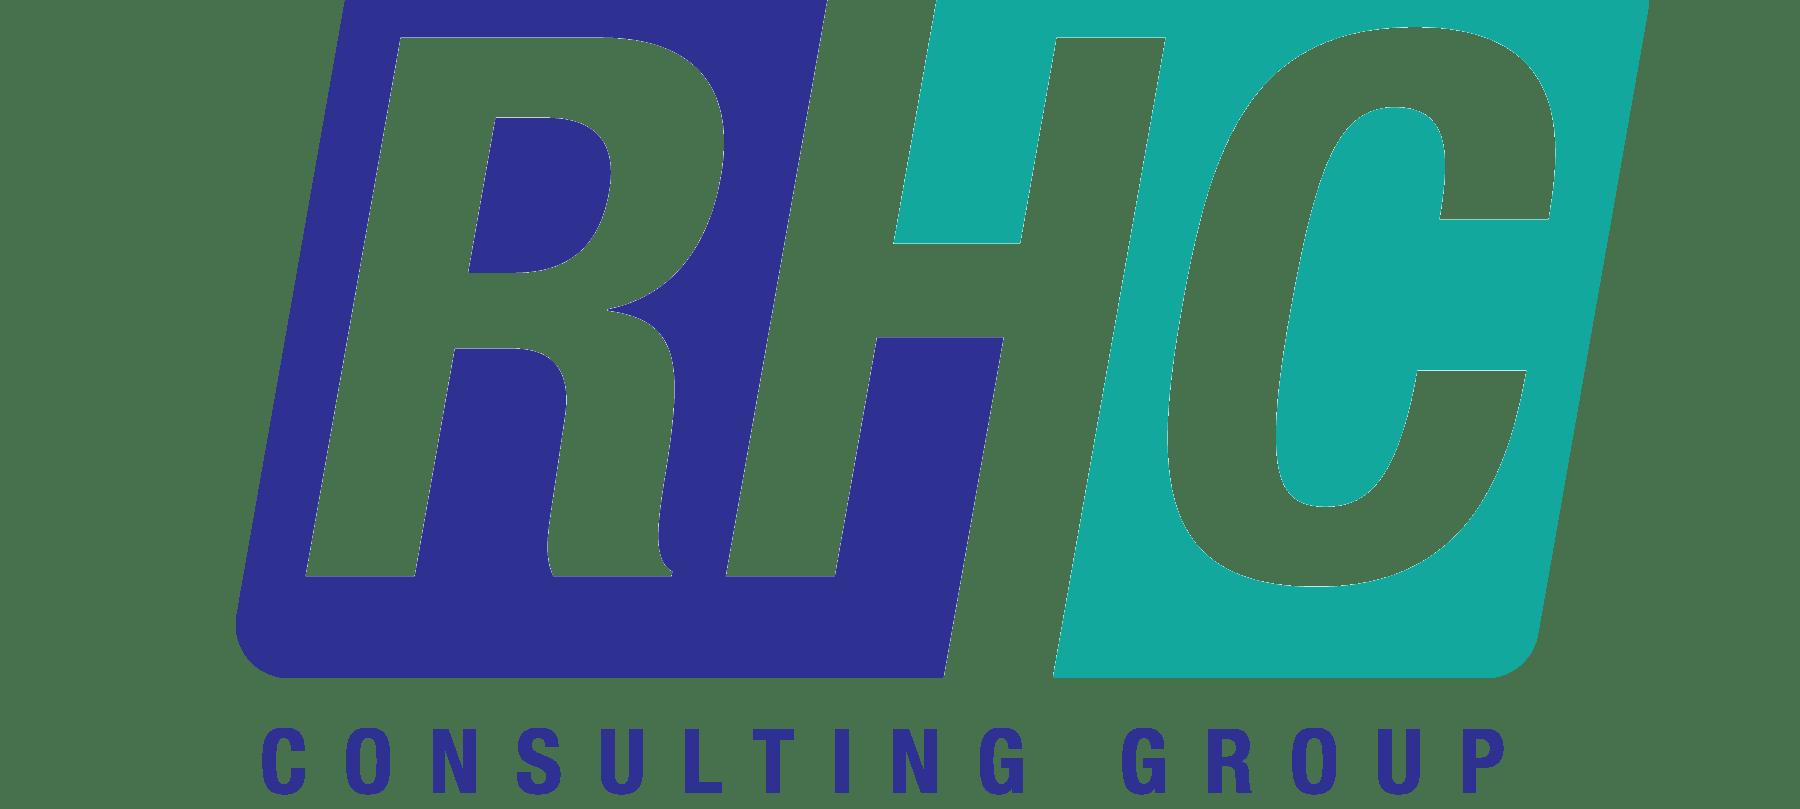 RHC_logo_clear-8